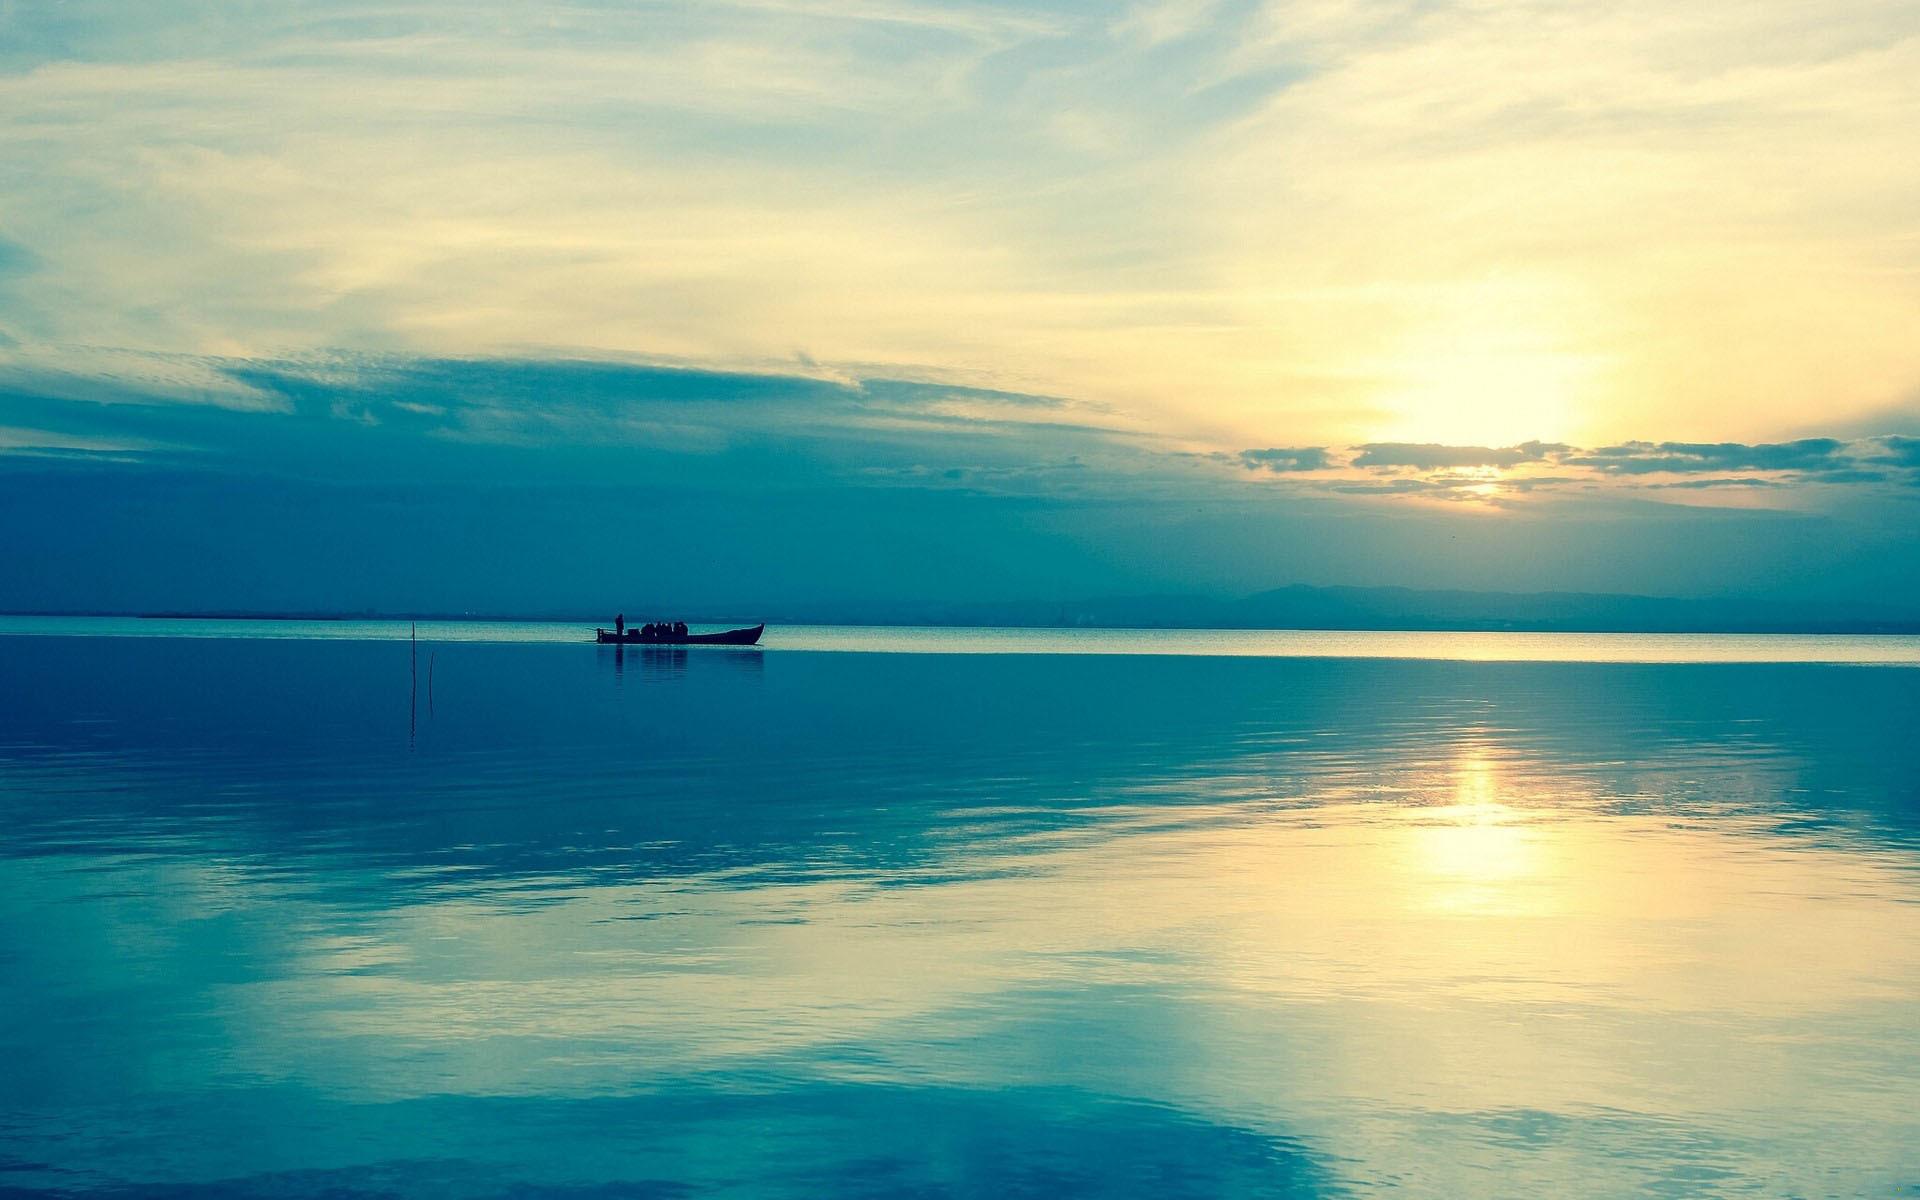 Река, вода, лодка обои скачать